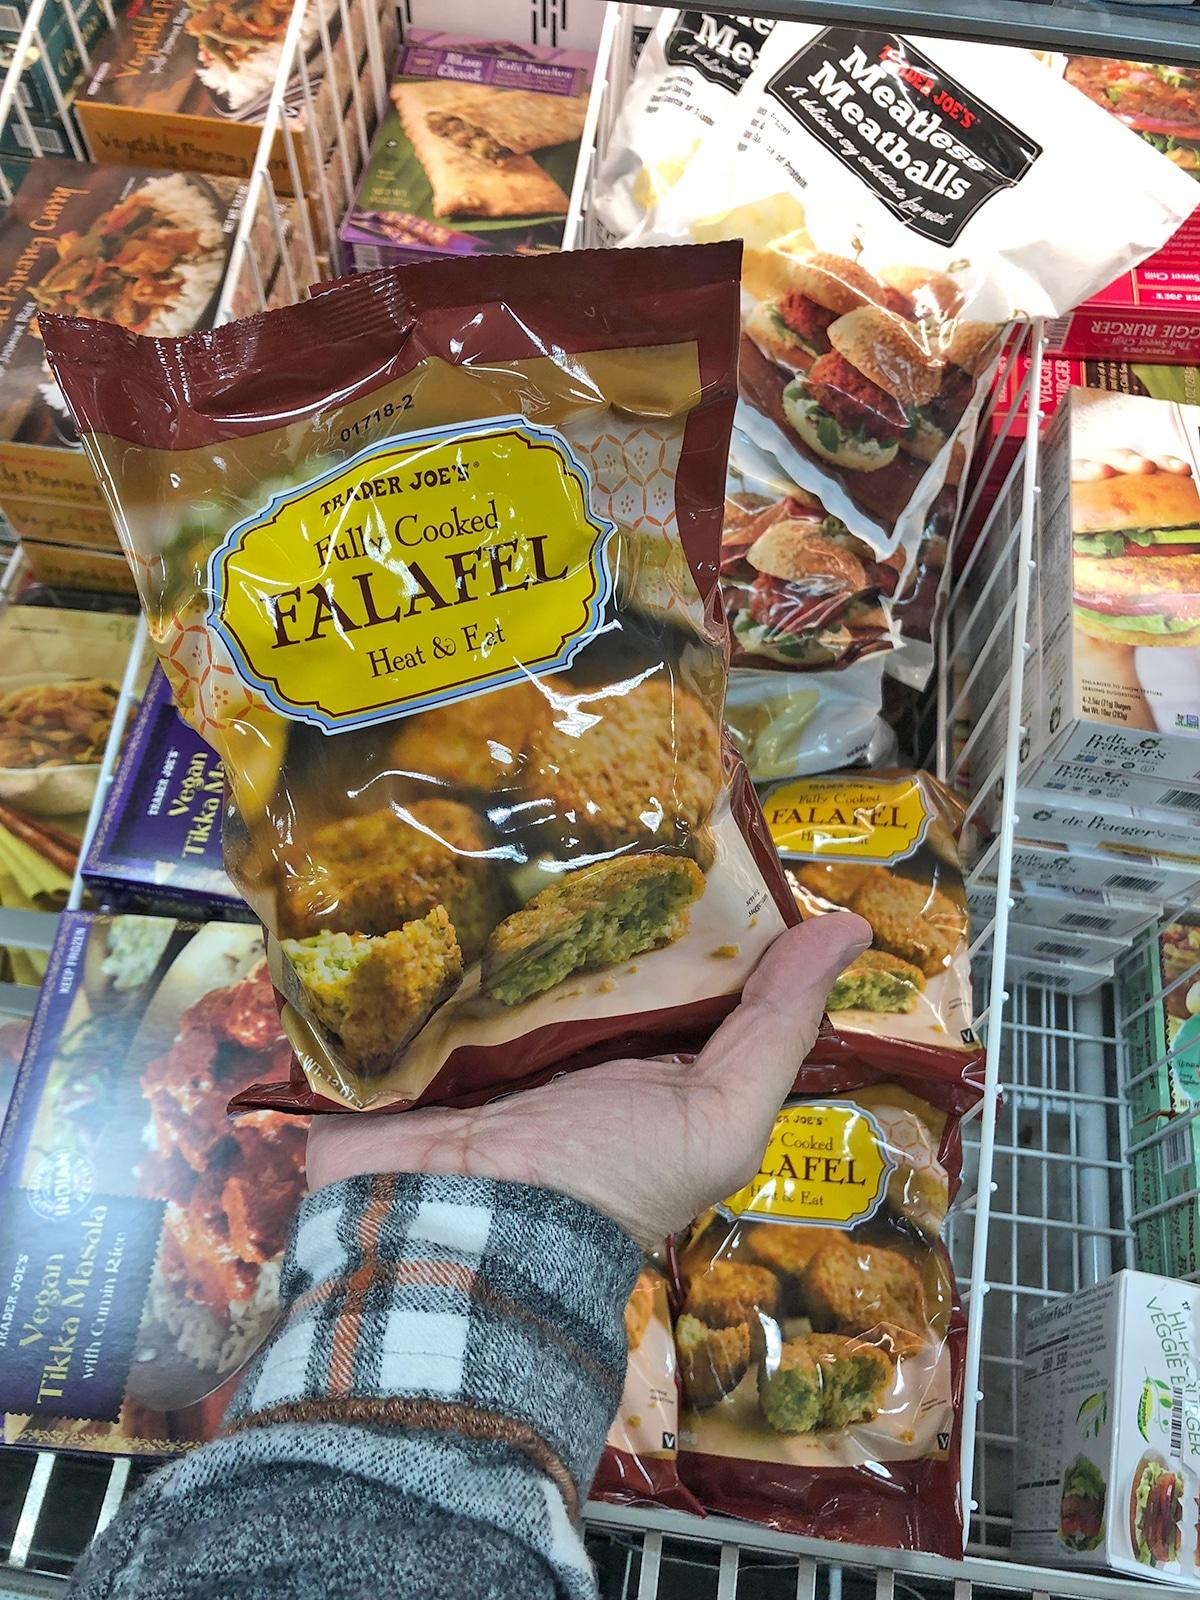 Hand holding bag of frozen falafel.